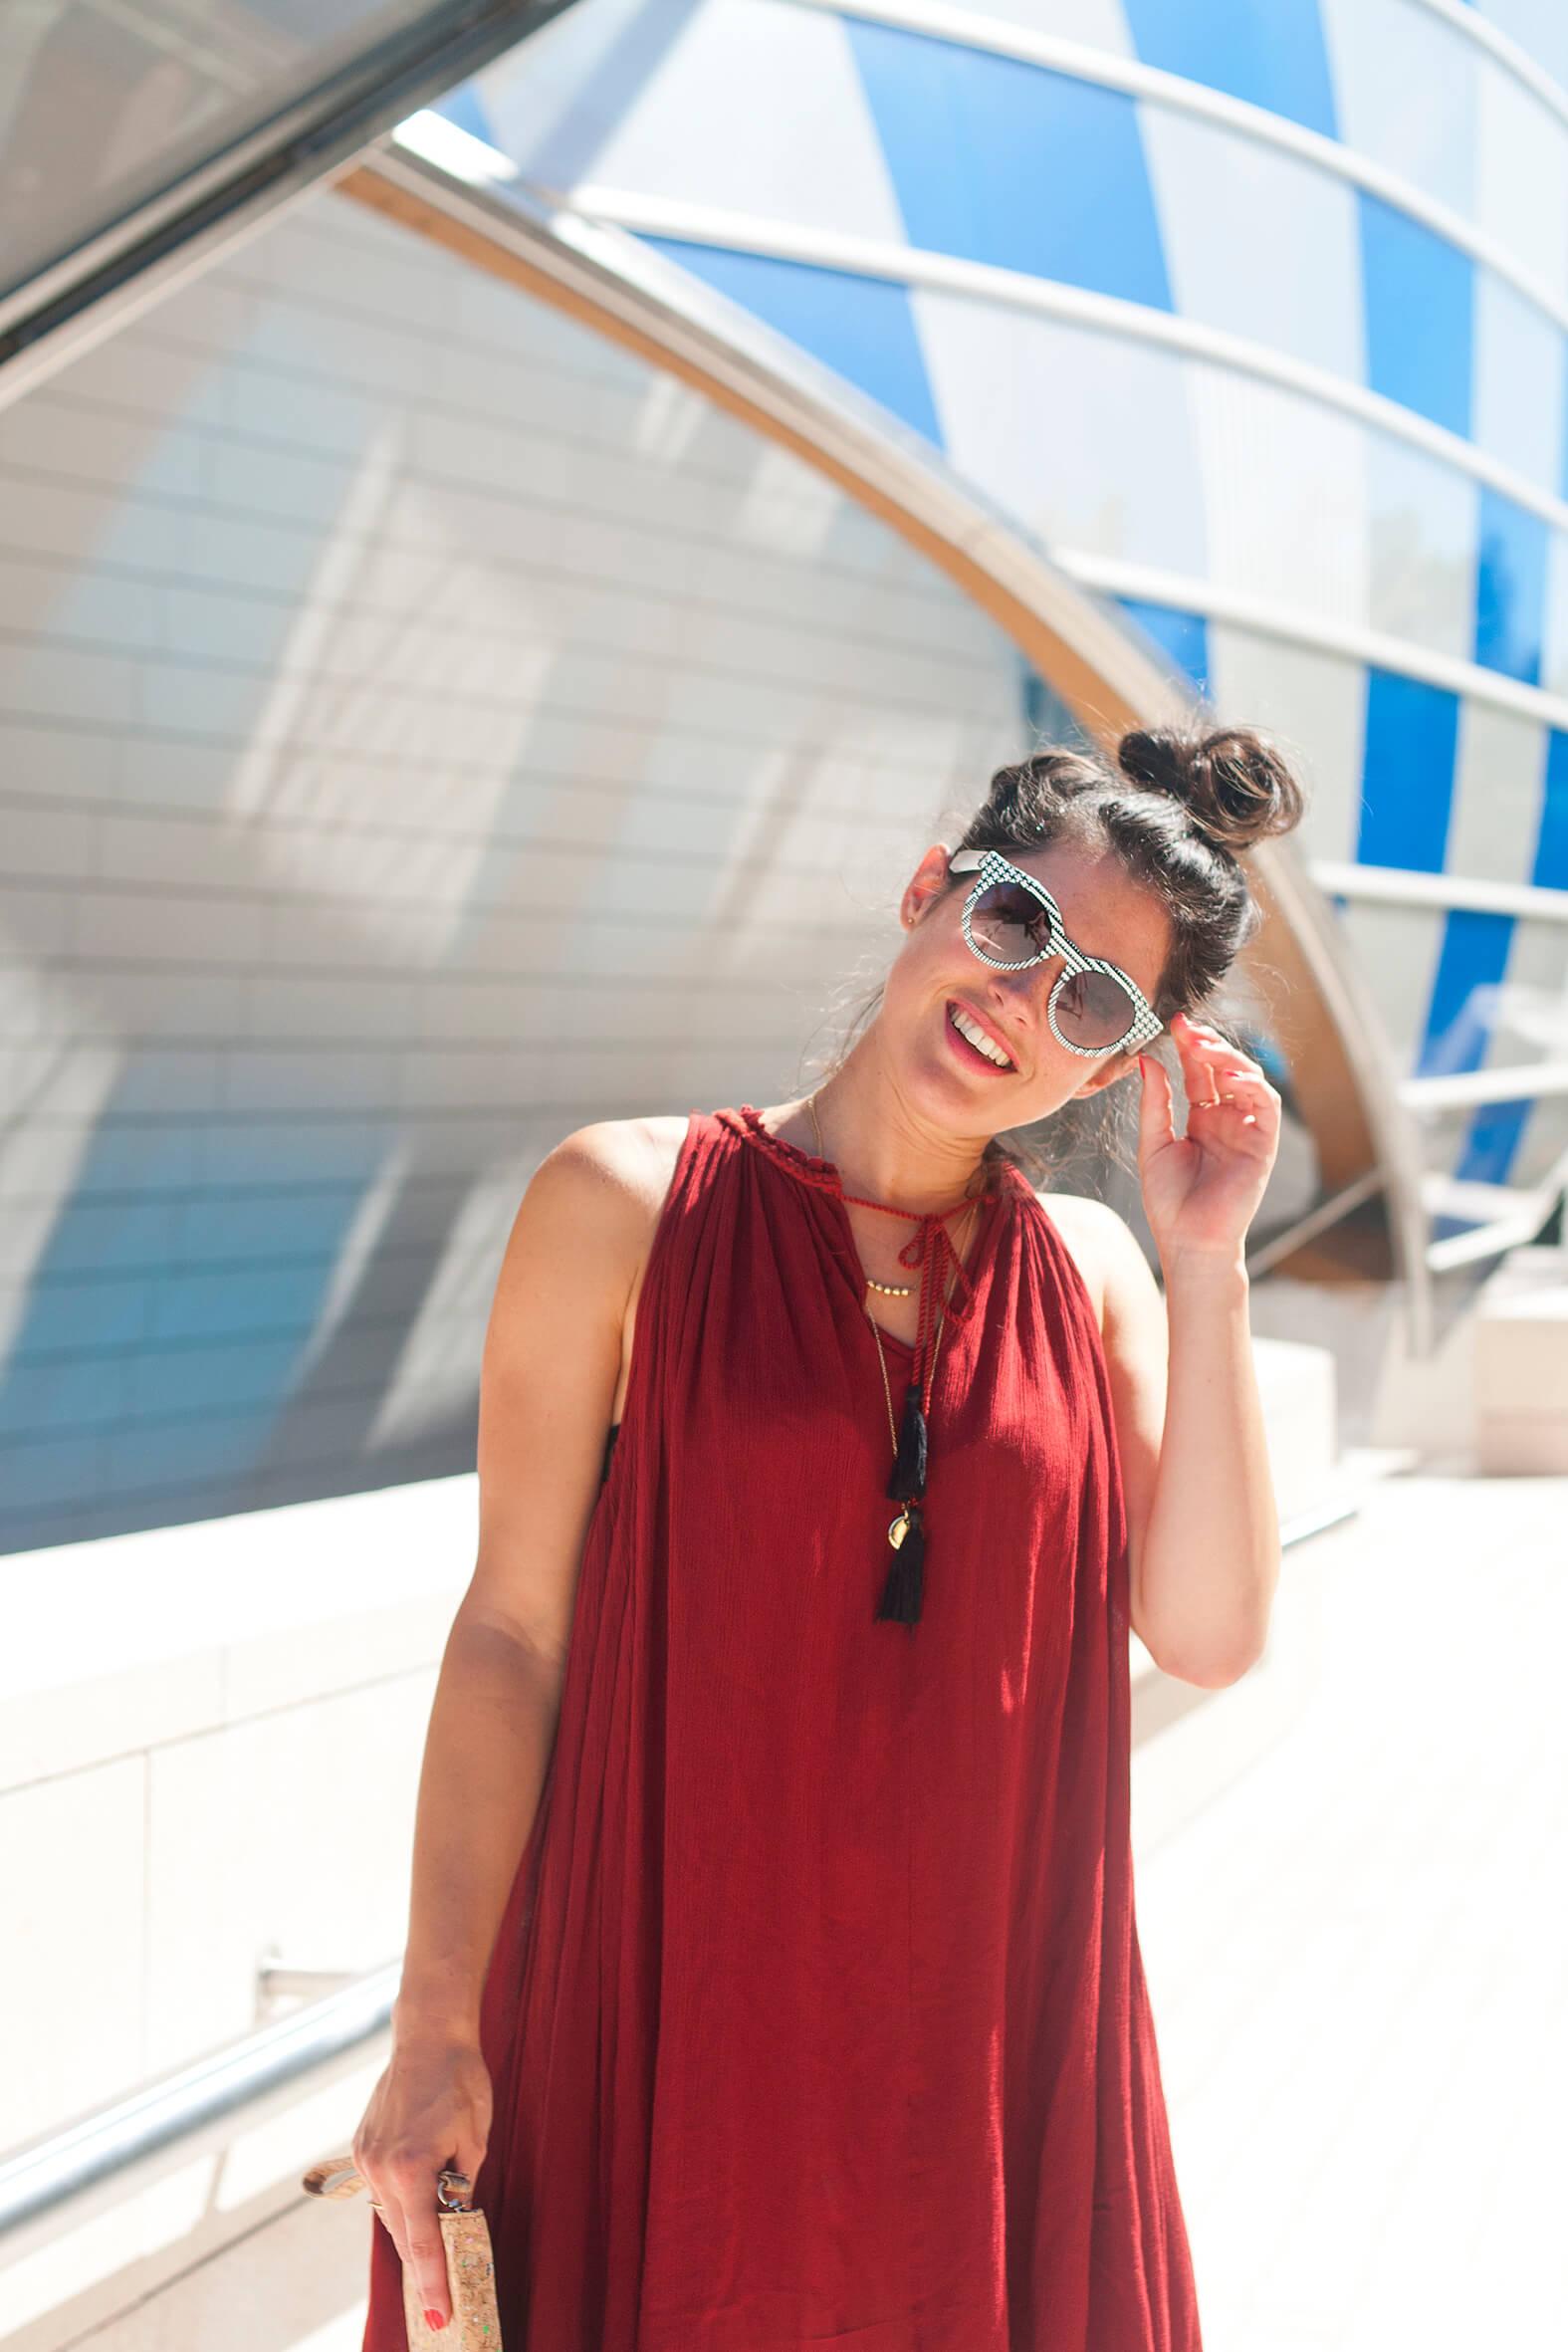 summer look robe rouille H&m L'atelierdal blog lifestyle mode voyage DIY Paris Bordeaux